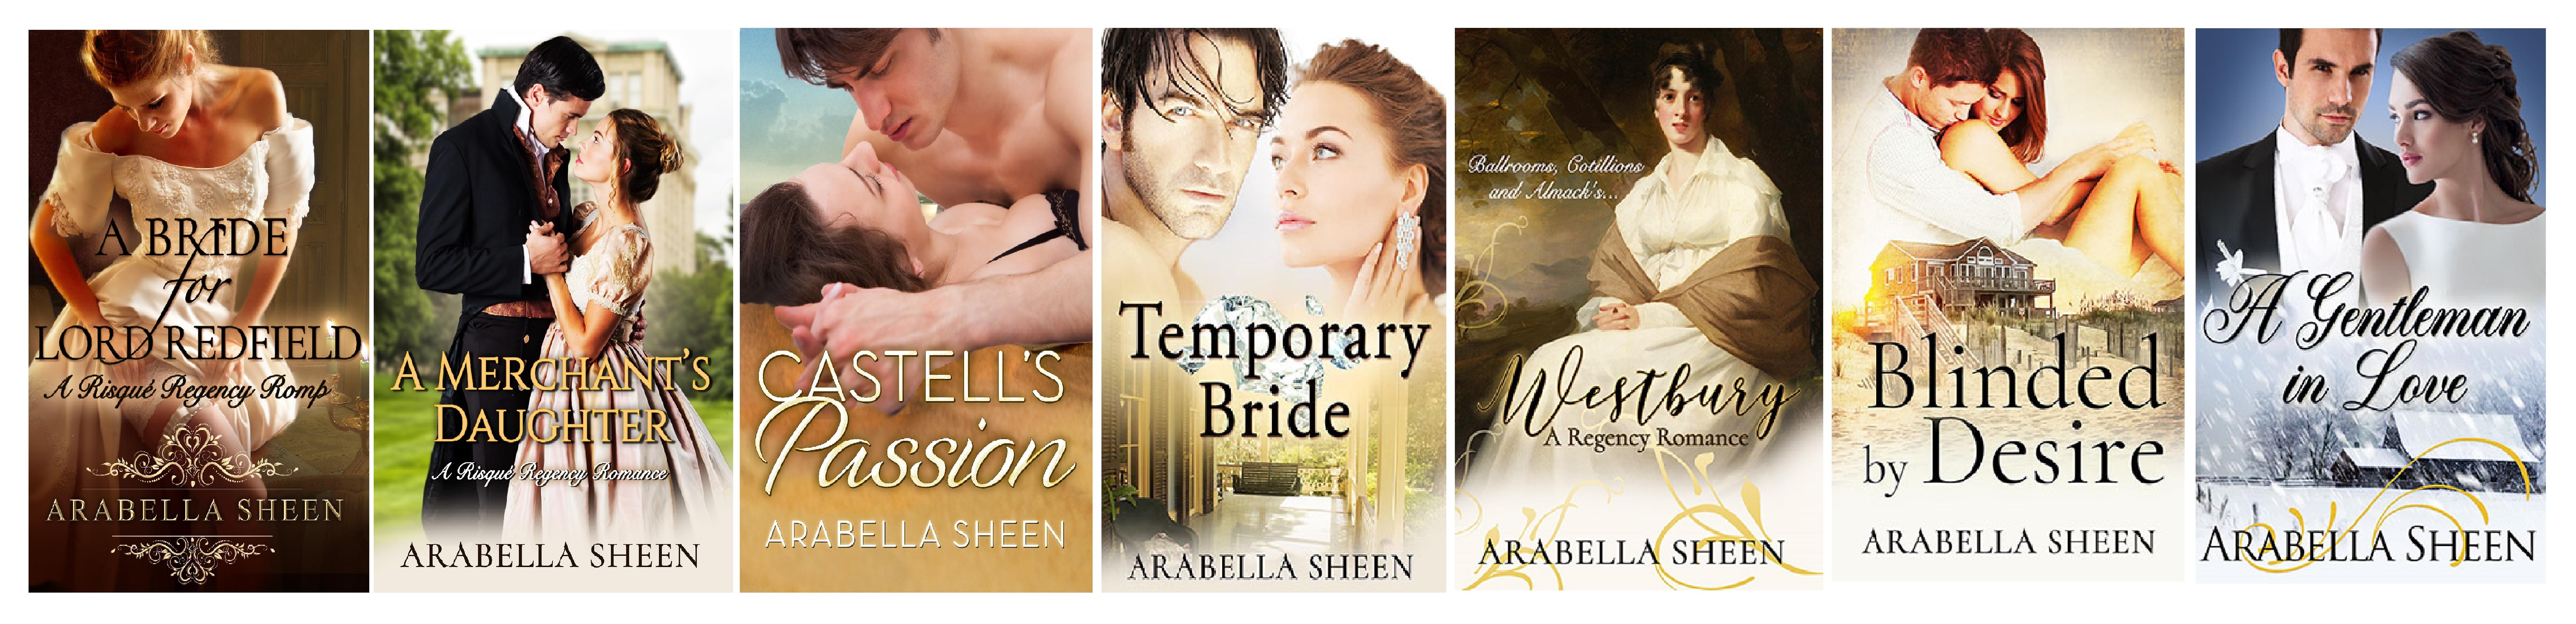 Banner - Arabella Sheen